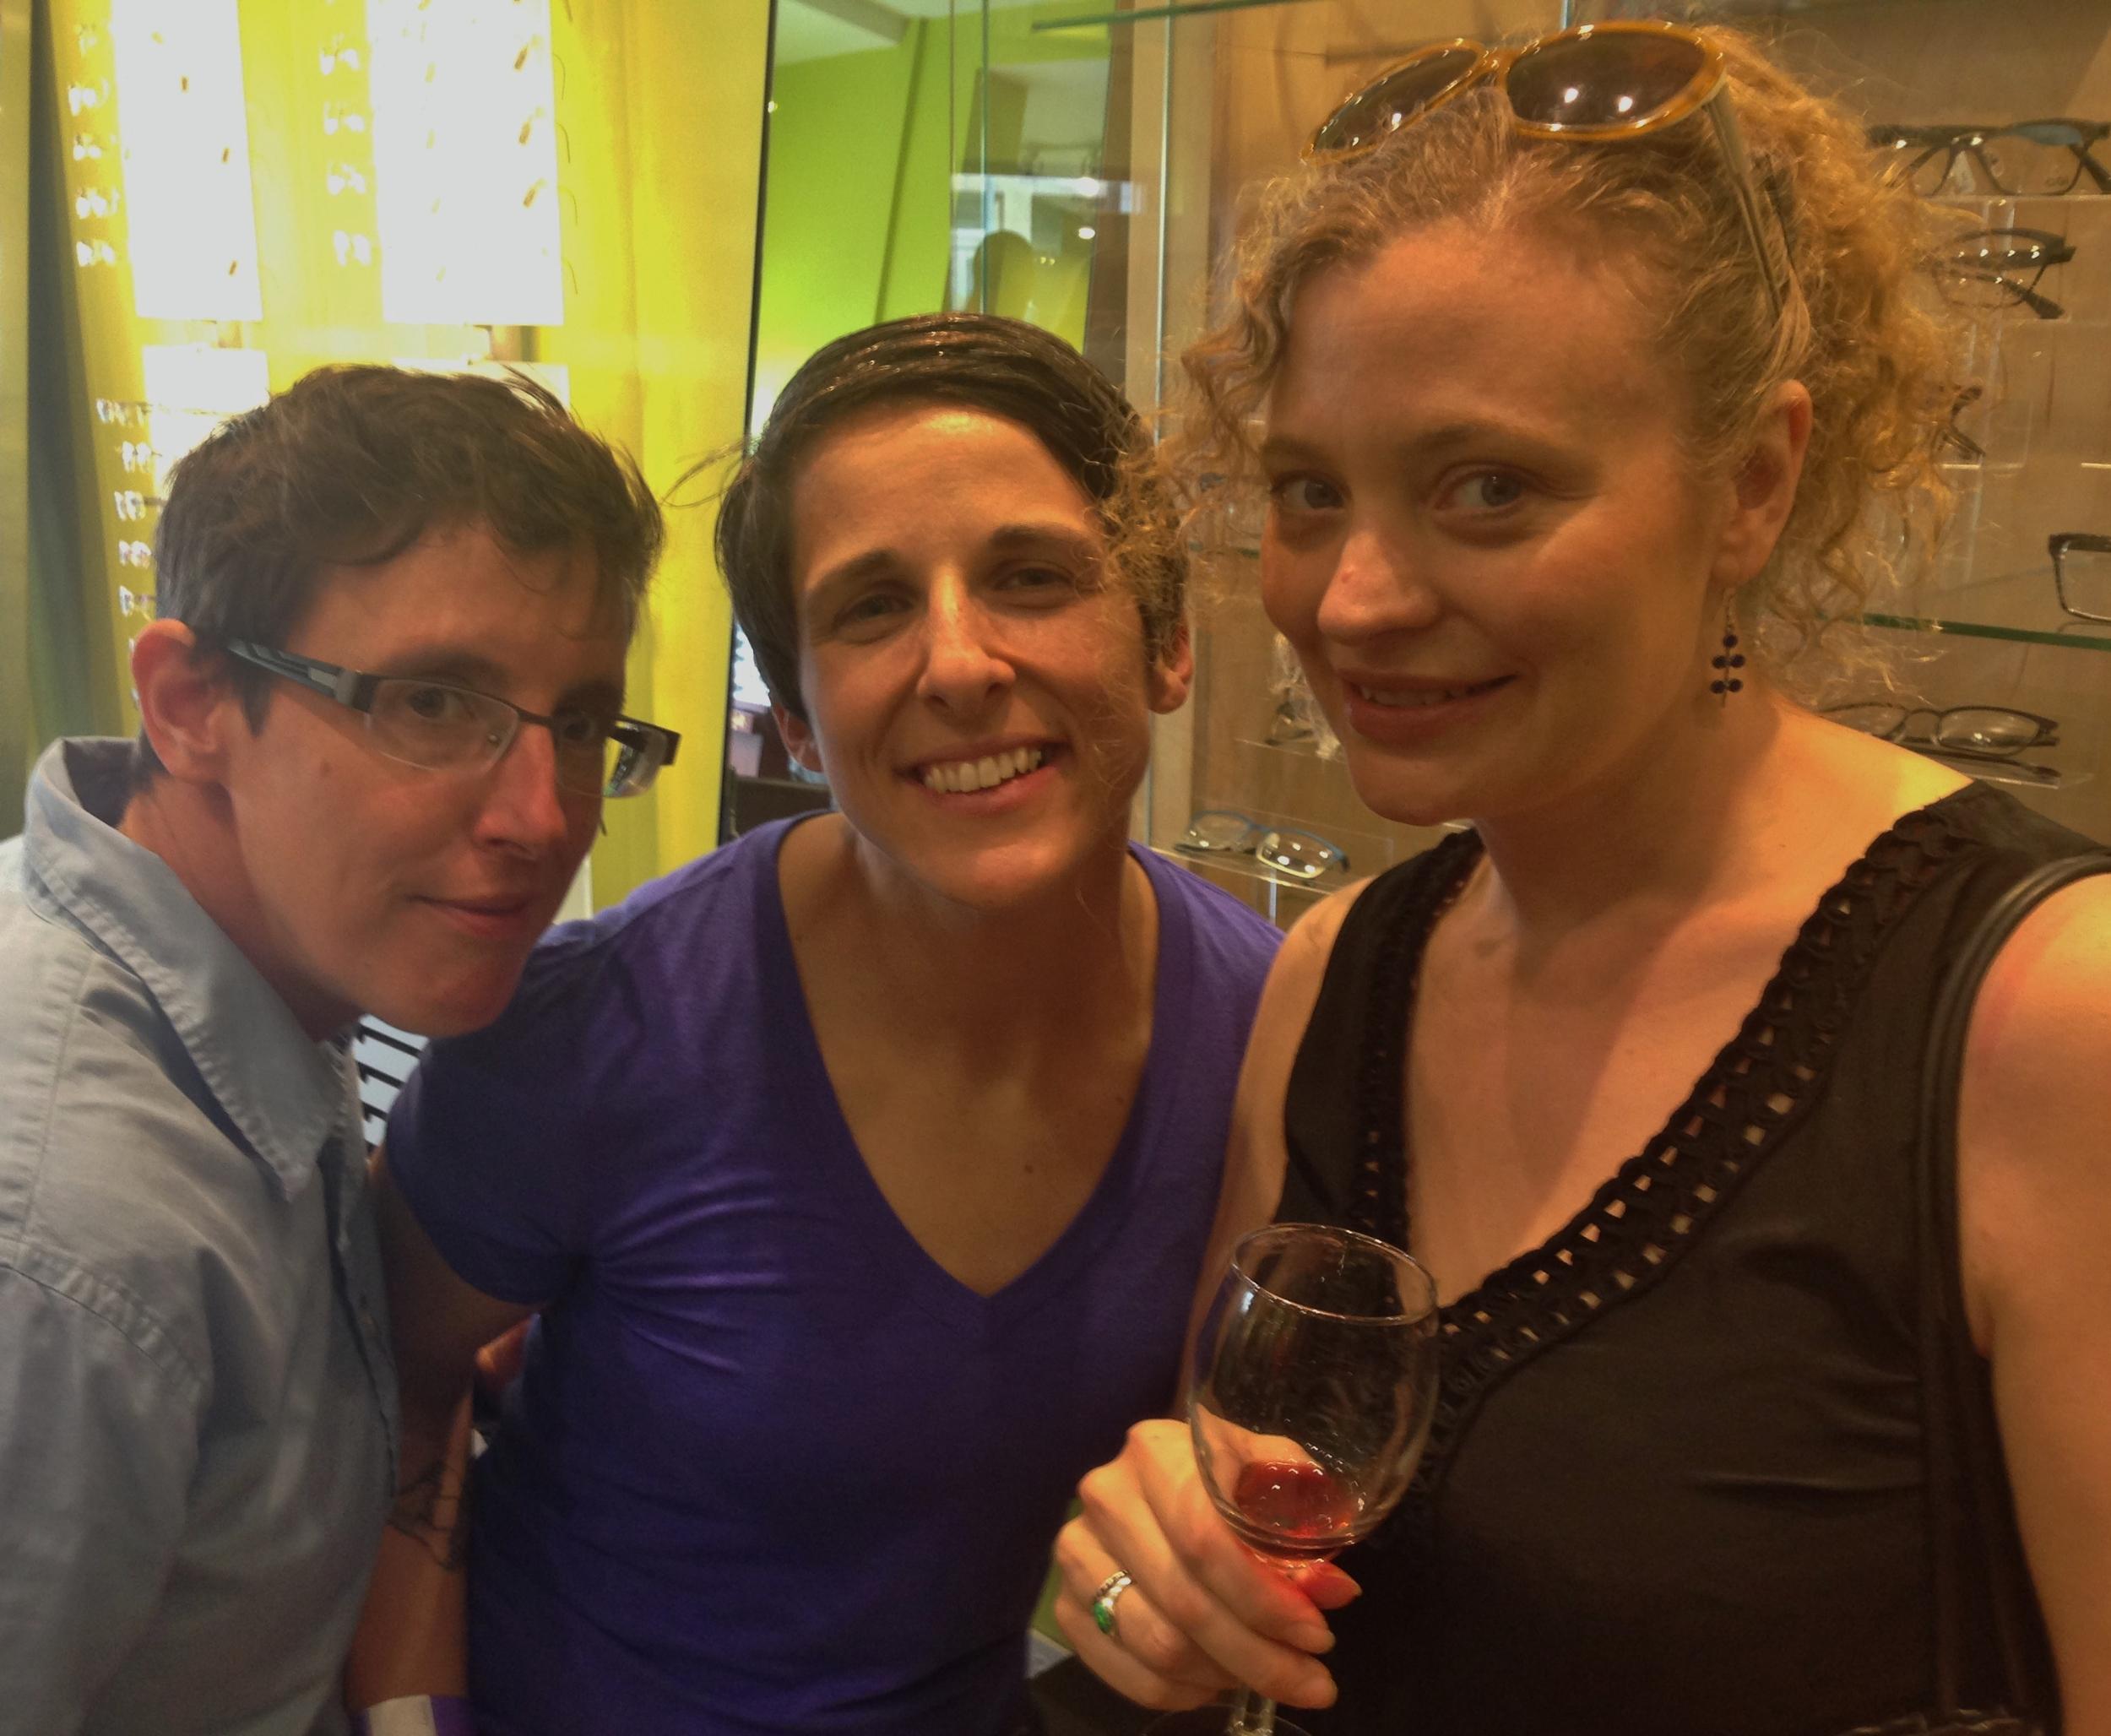 Happy wine walkers.